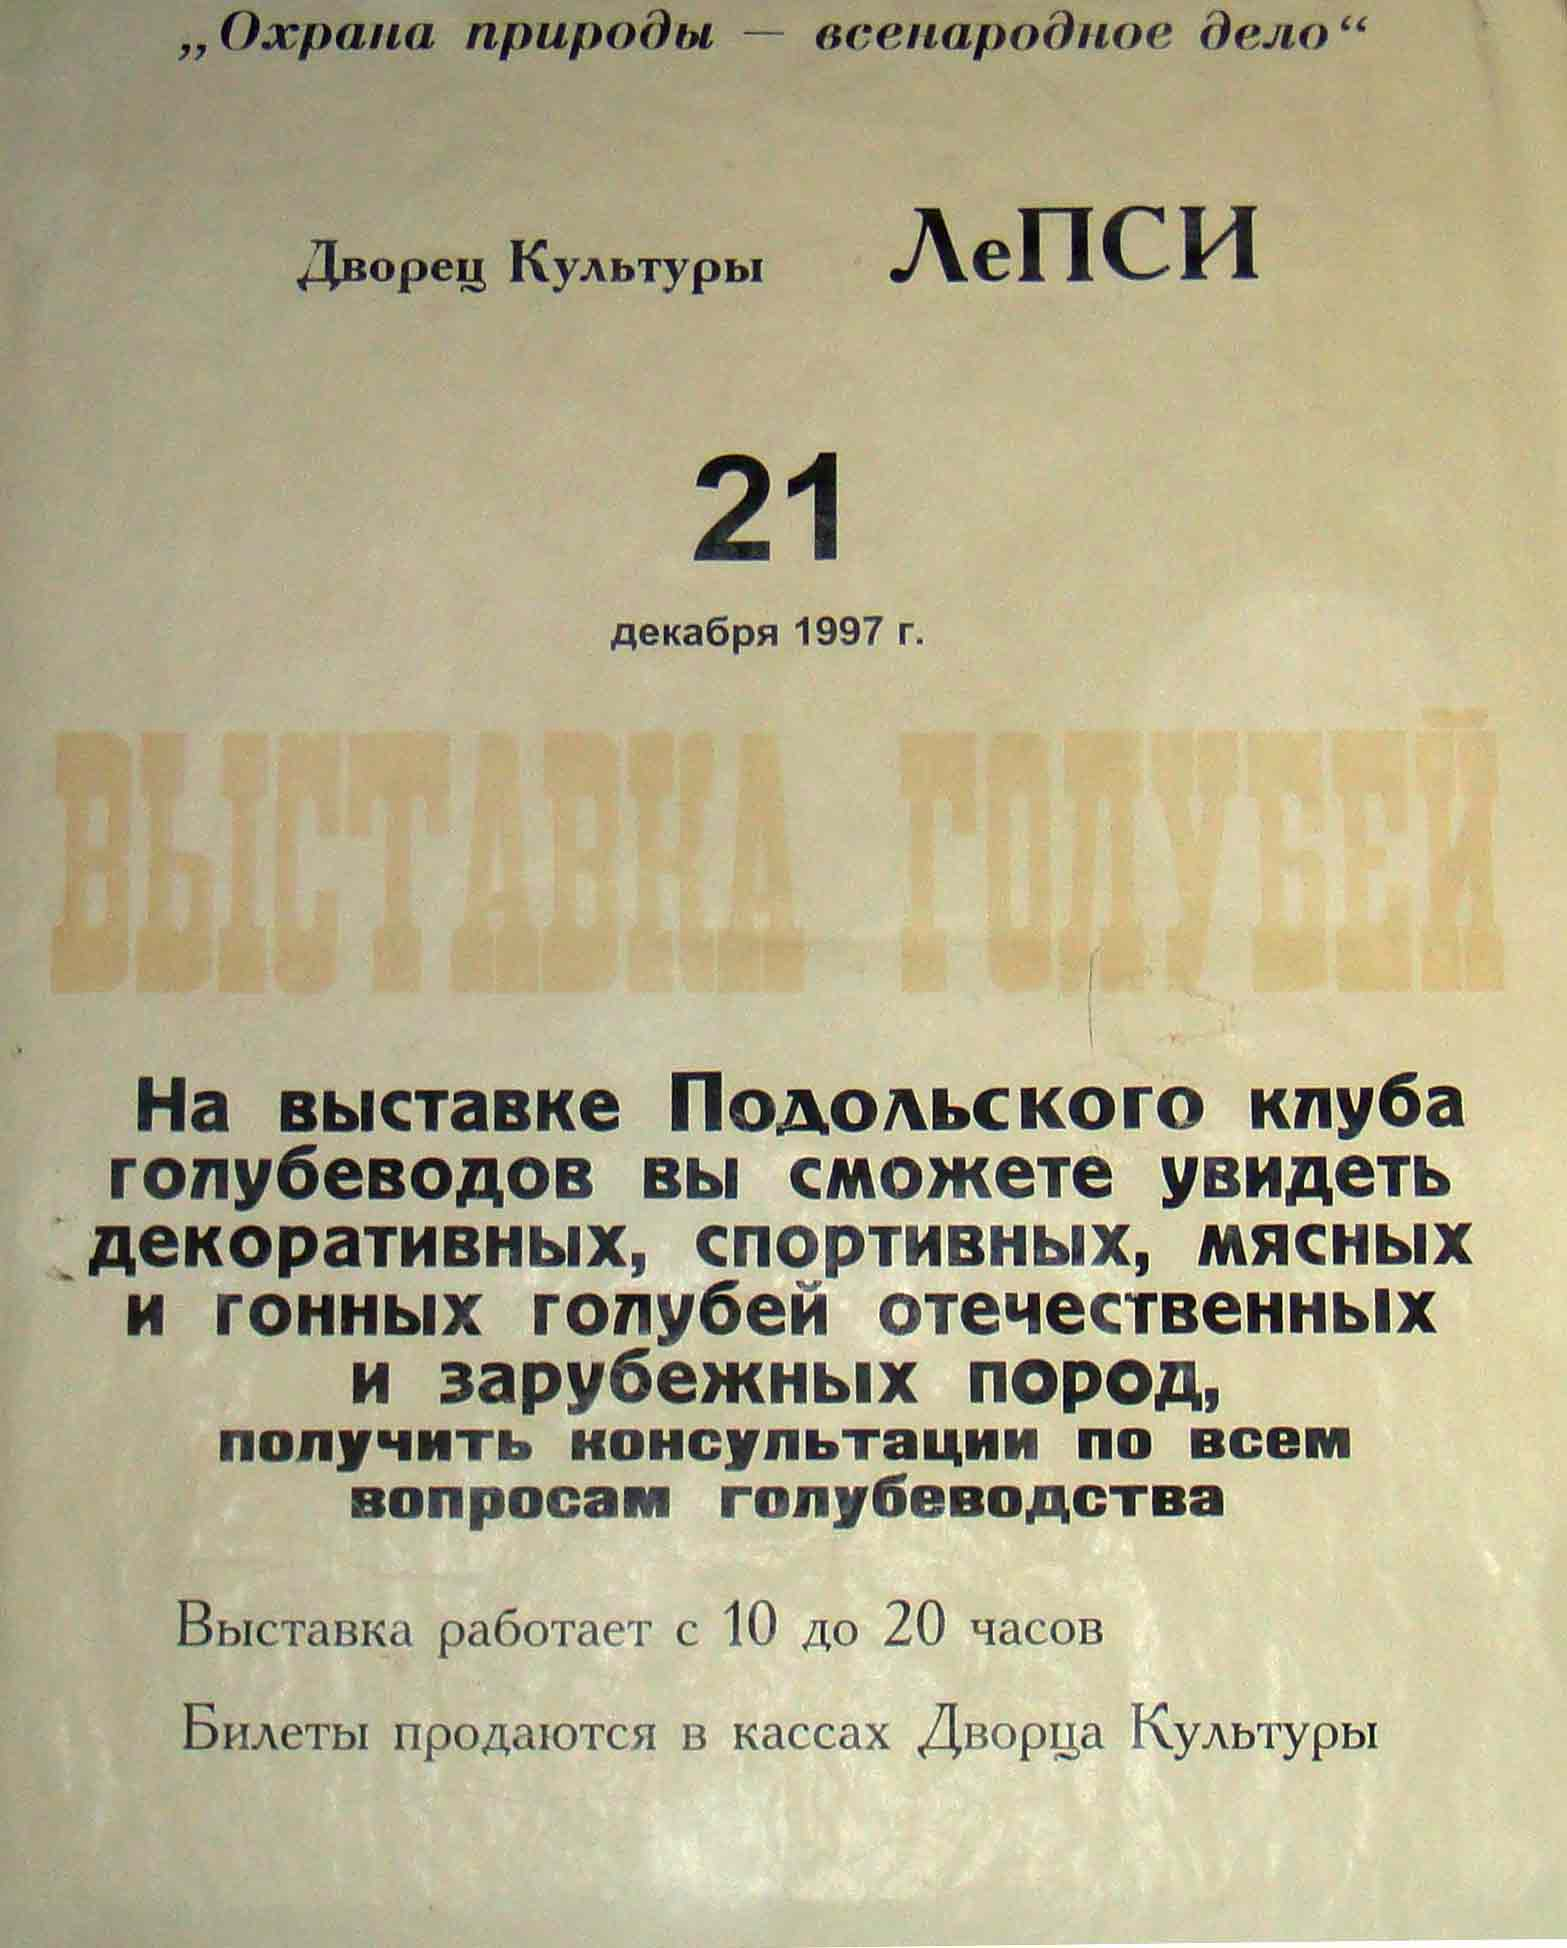 Малафеев В.В. - президент Подольского клуба голубеводов